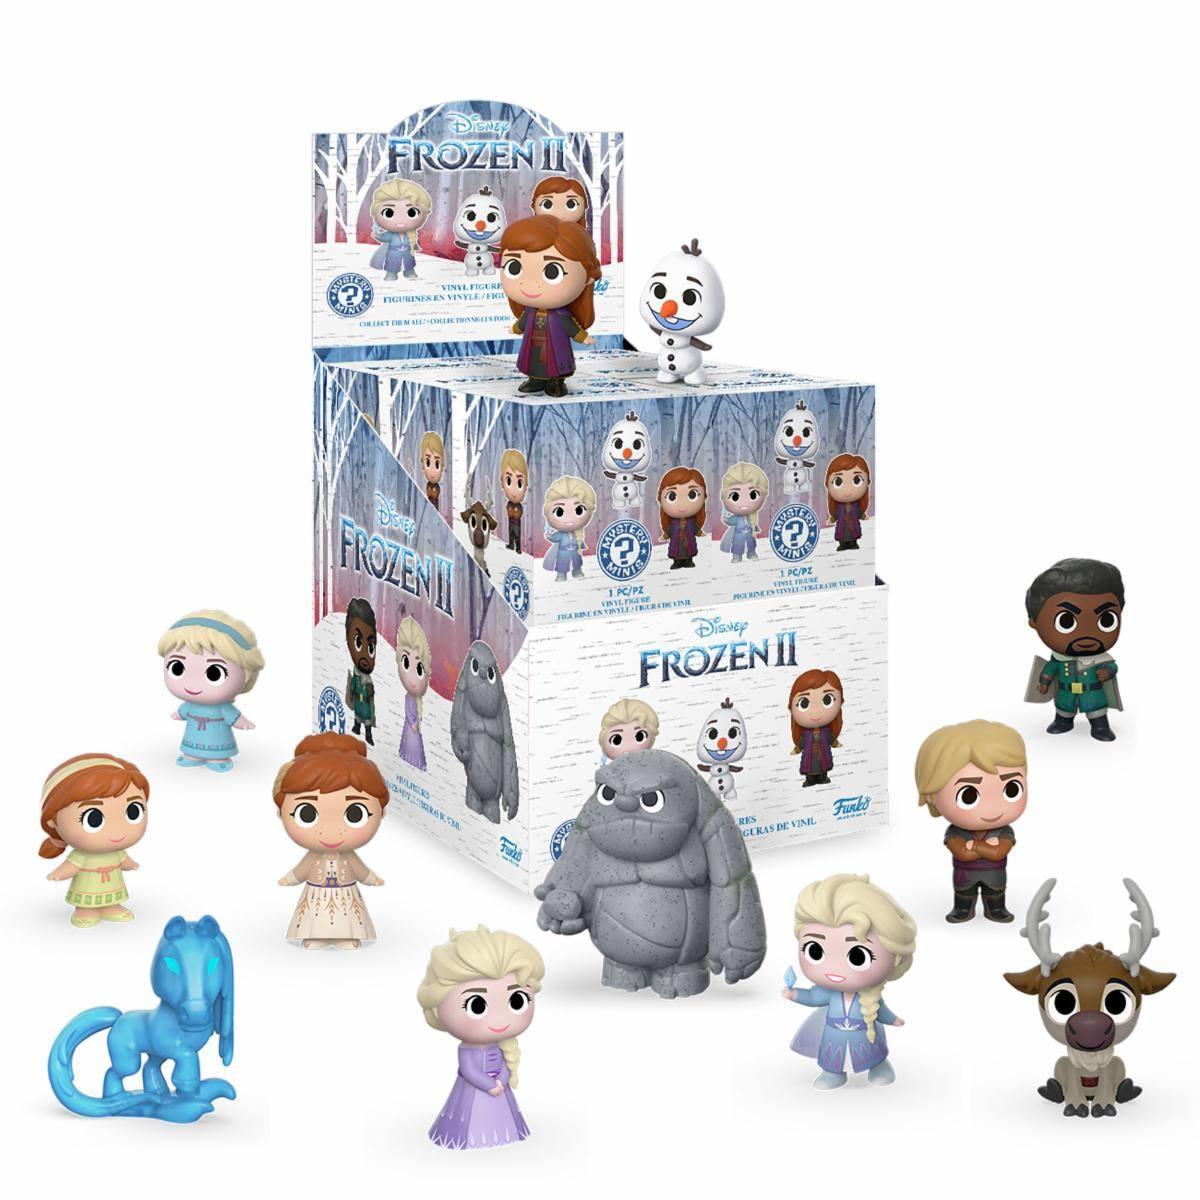 Collection très sympa de minis figurines présentant les personnages du dessin animé La Reine des Neiges 2. Les boîtes sont fermées hermétiquement, sans aucune chance de deviner le personnage qui se cache à l'intérieur... Il faut donc jouer le jeu ;) Composition: Vinyle Hauteur: 5 cm Référence: FK40908 Prix: 10€